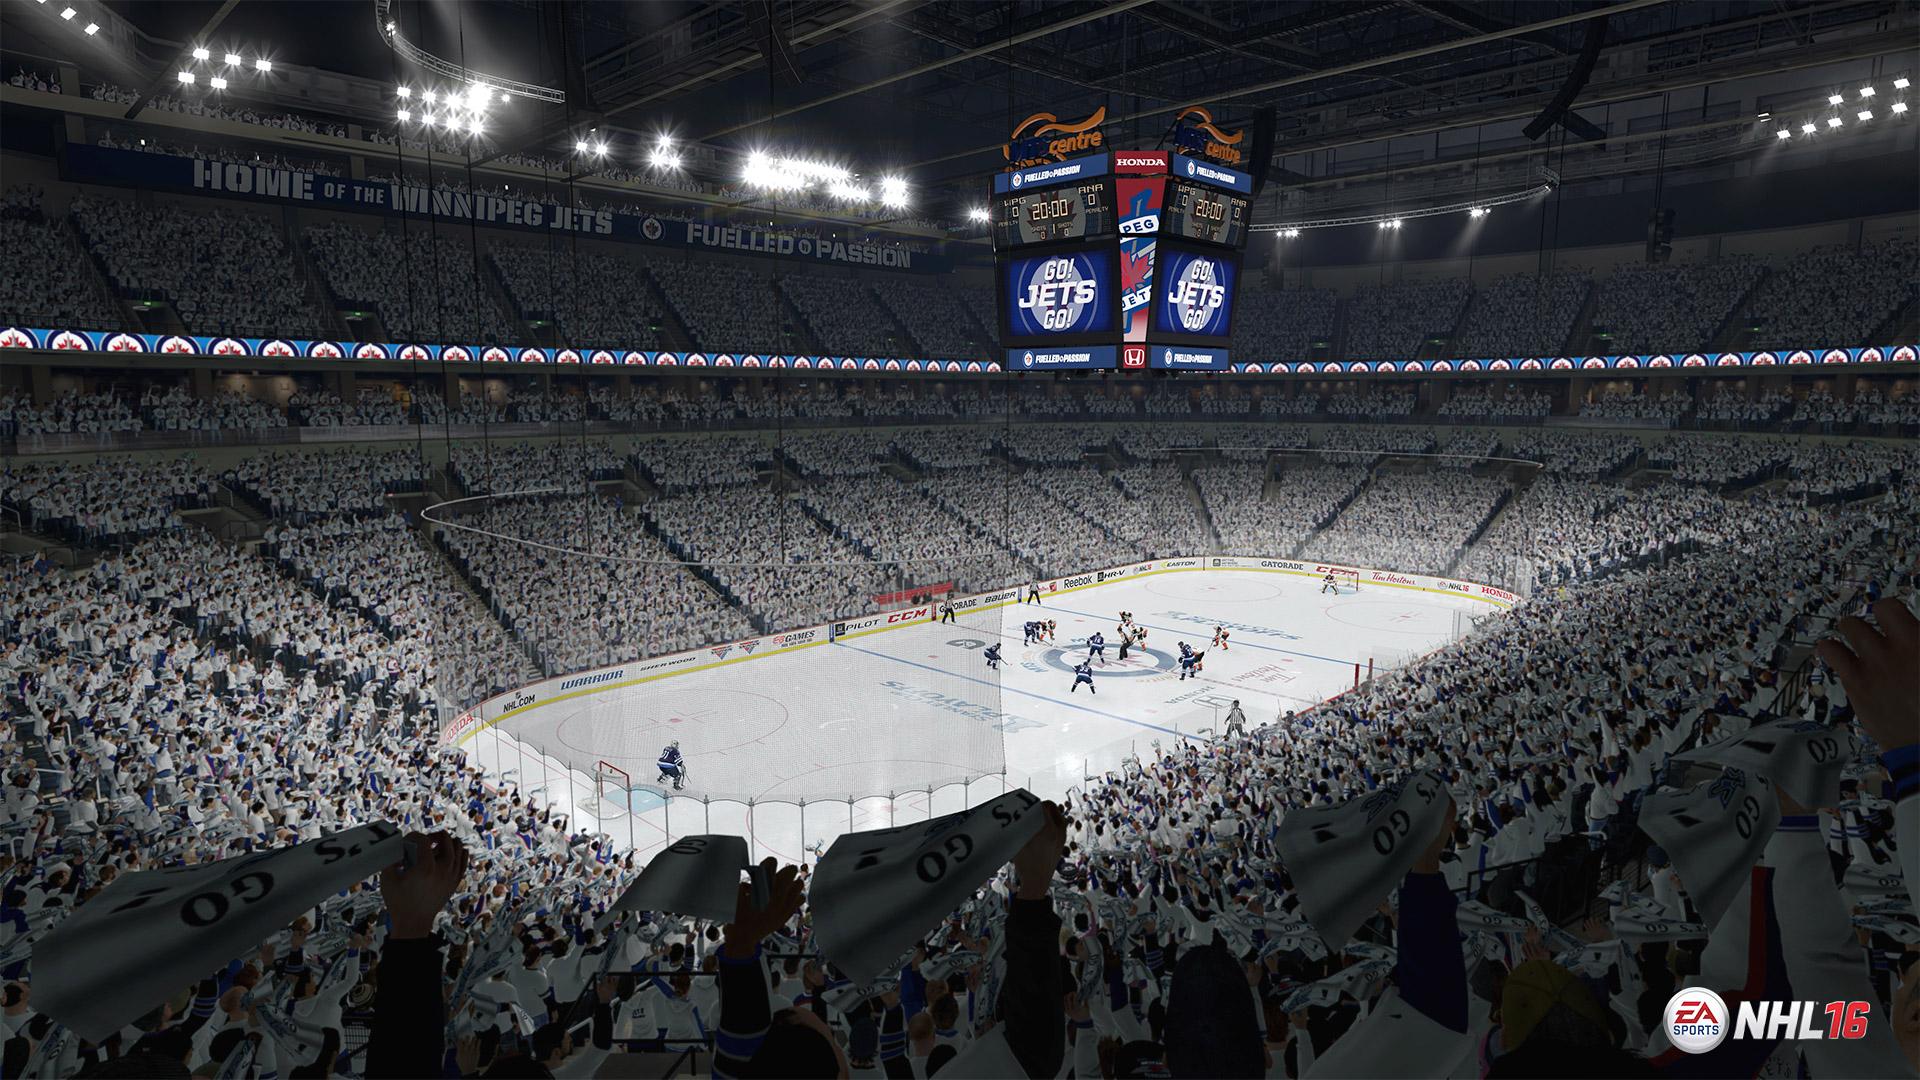 Free NHL 16 Wallpaper in 1920x1080